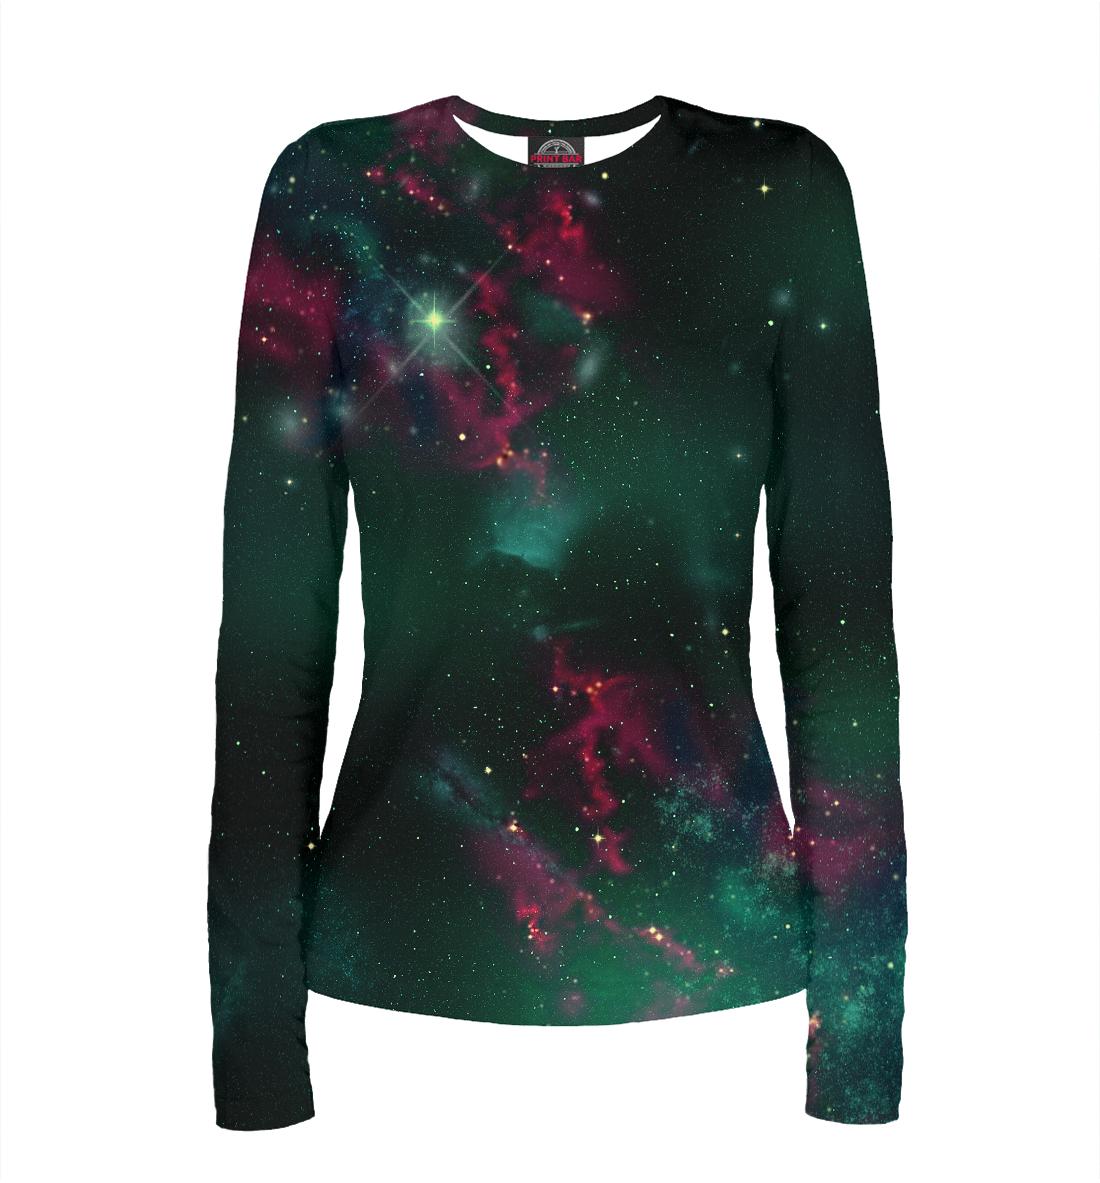 Купить Звёздный путь, Printbar, Лонгсливы, SPA-218743-lon-1